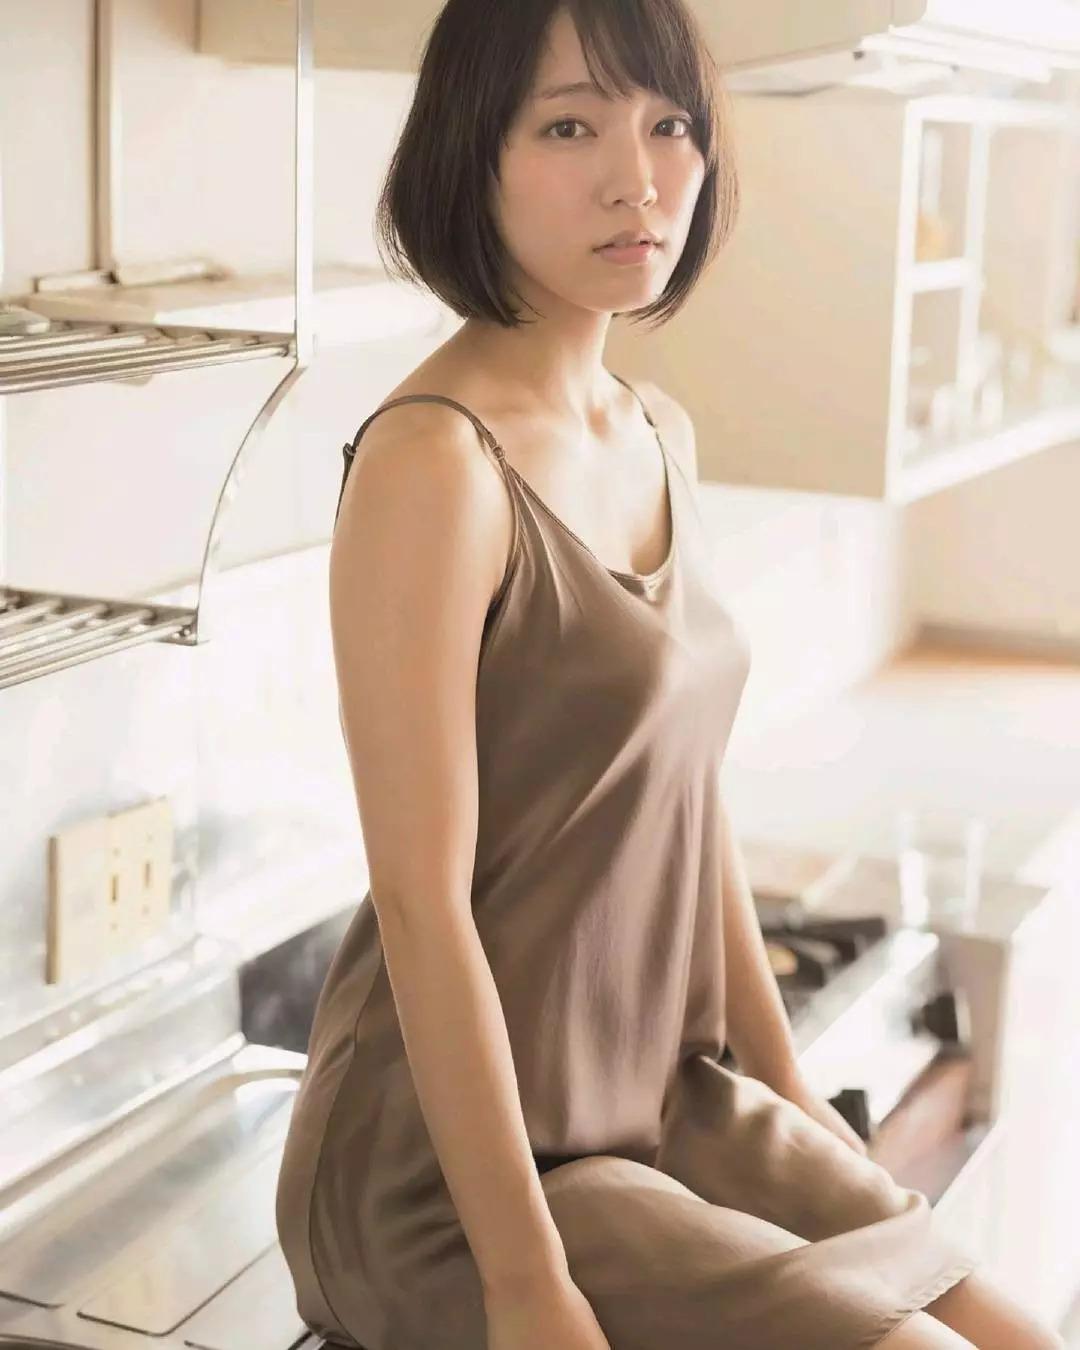 治愈系魔性之女吉冈里帆写真作品 (209)